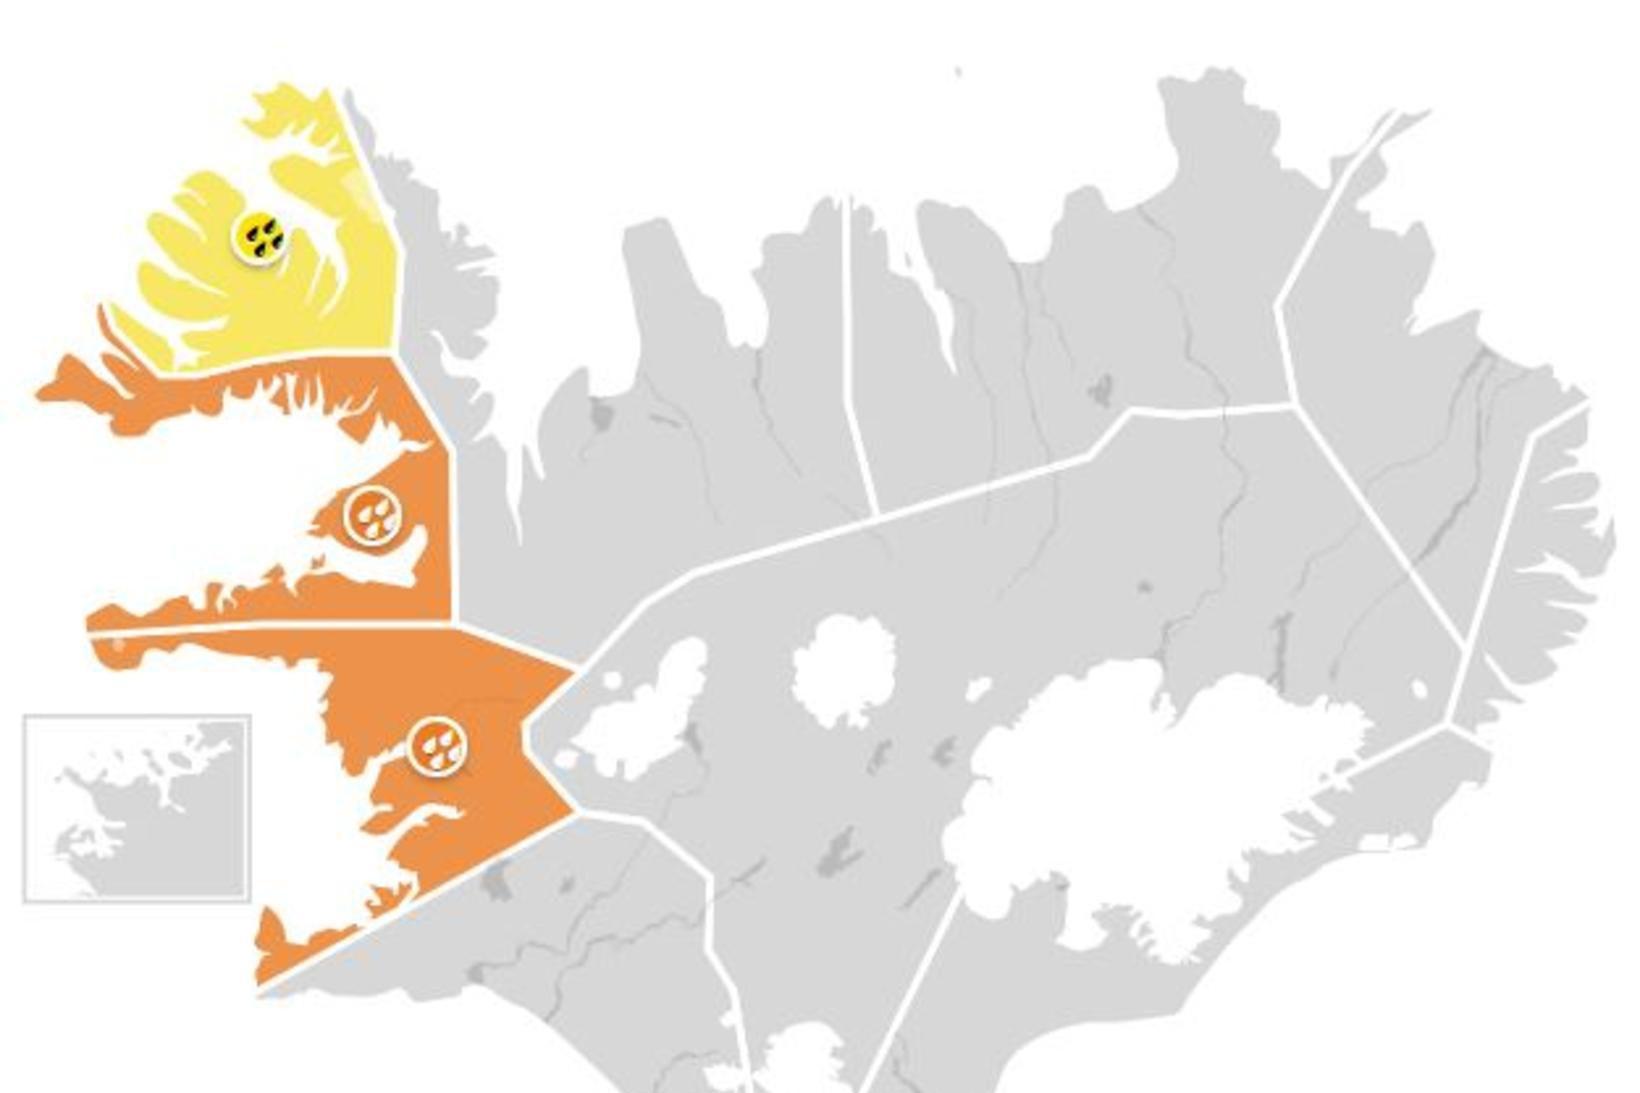 Appelsínugul viðvörun er í gildi á Faxaflóa og í Breiðafirði. …